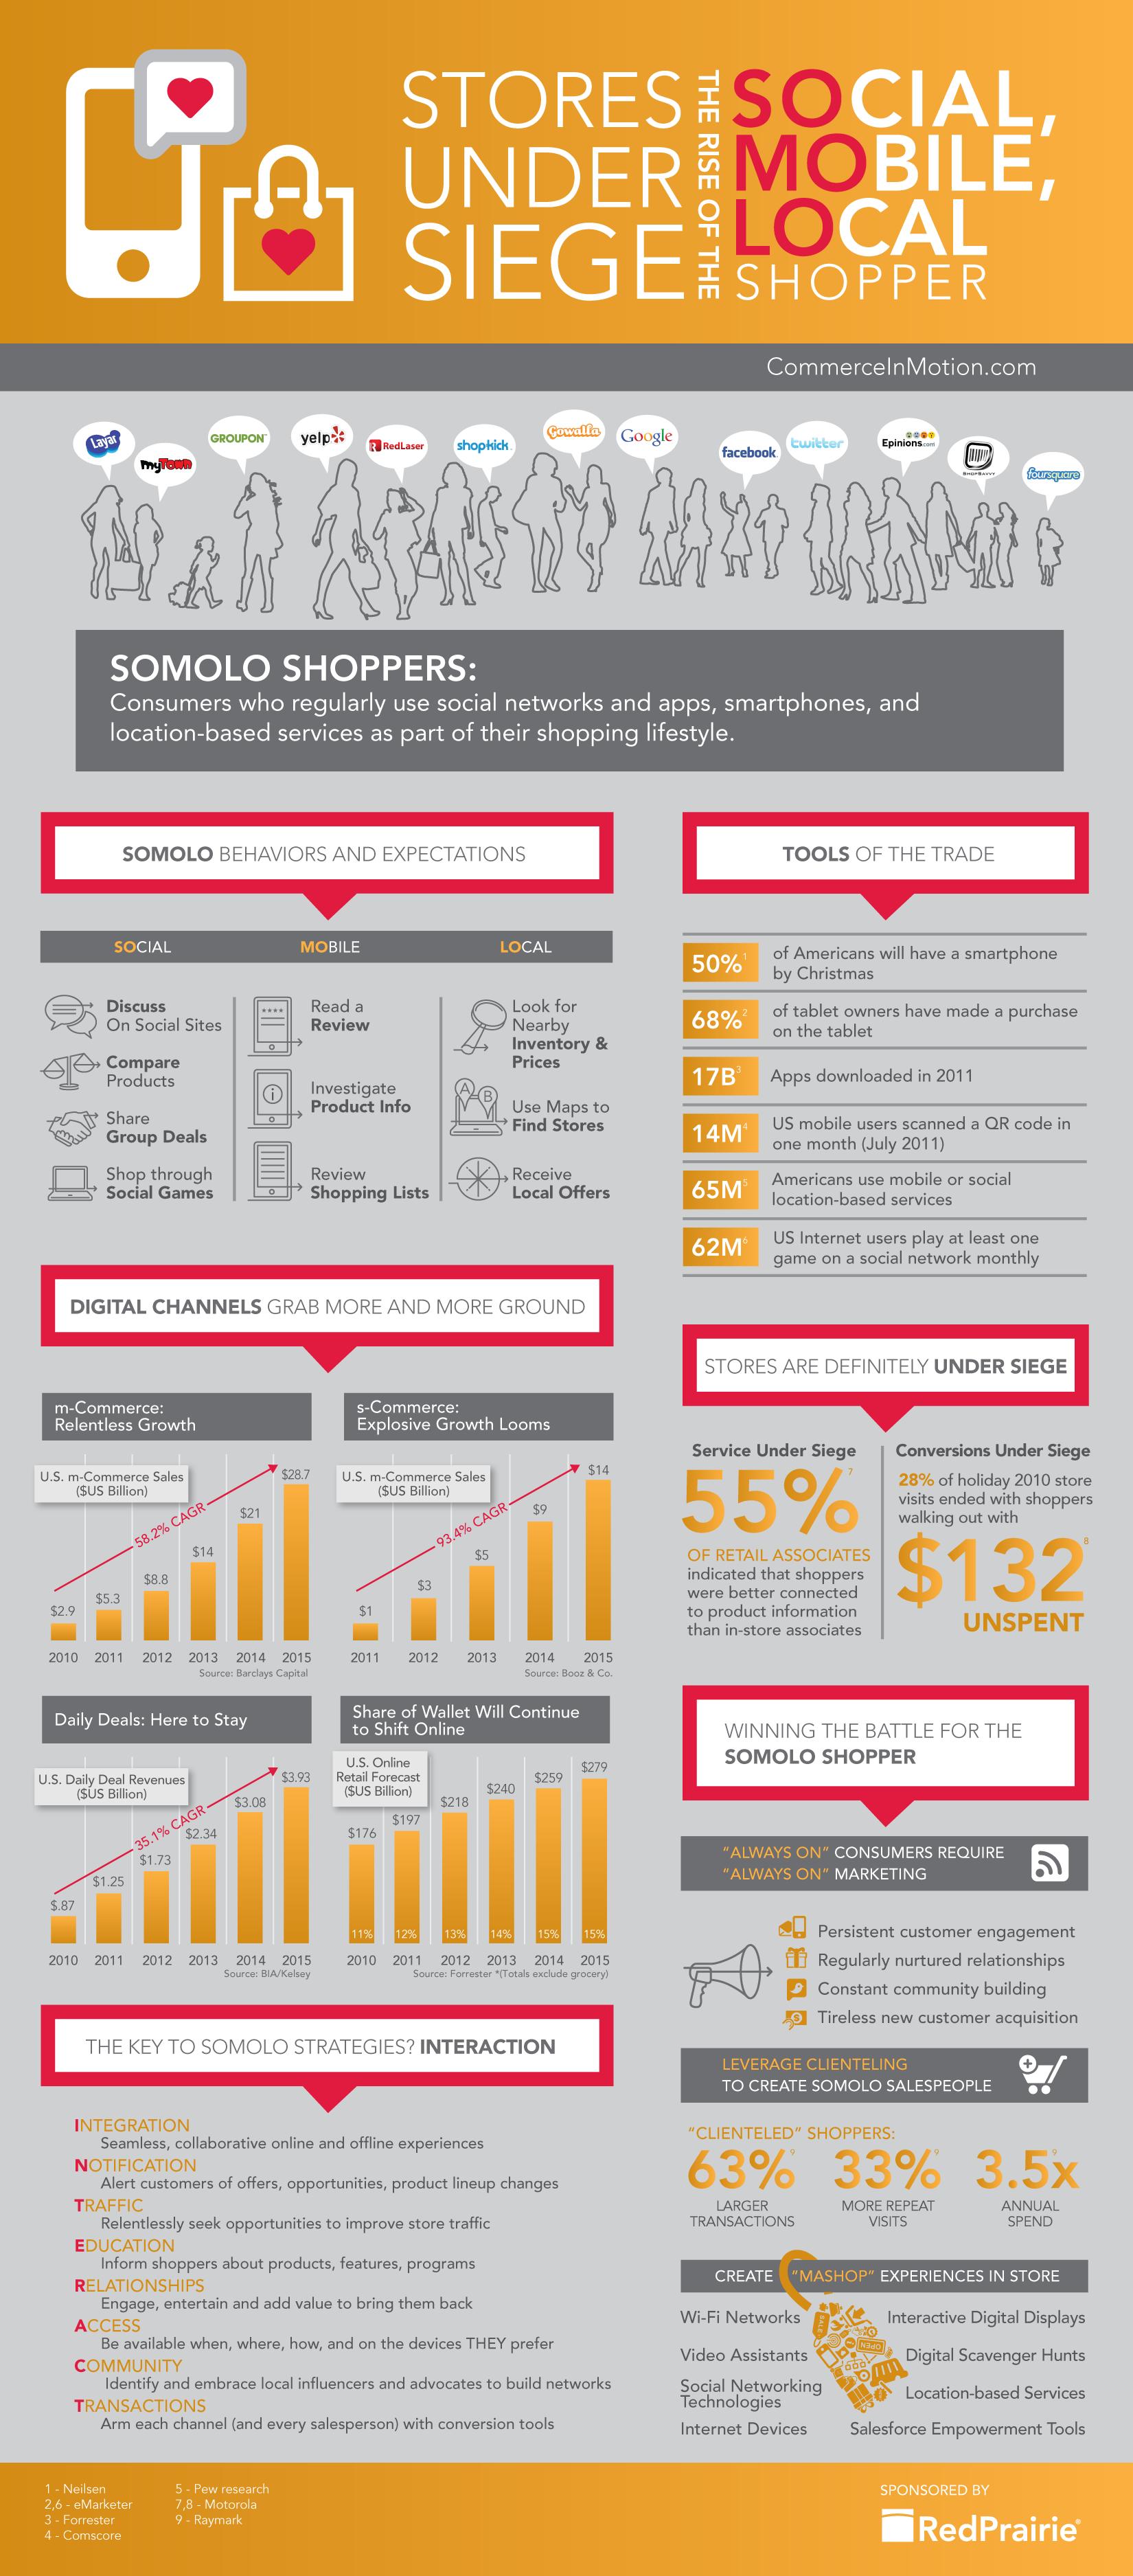 le solomo ecommerce - SoLoMo, l'infographie qui dévoile cette nouvelle tendance